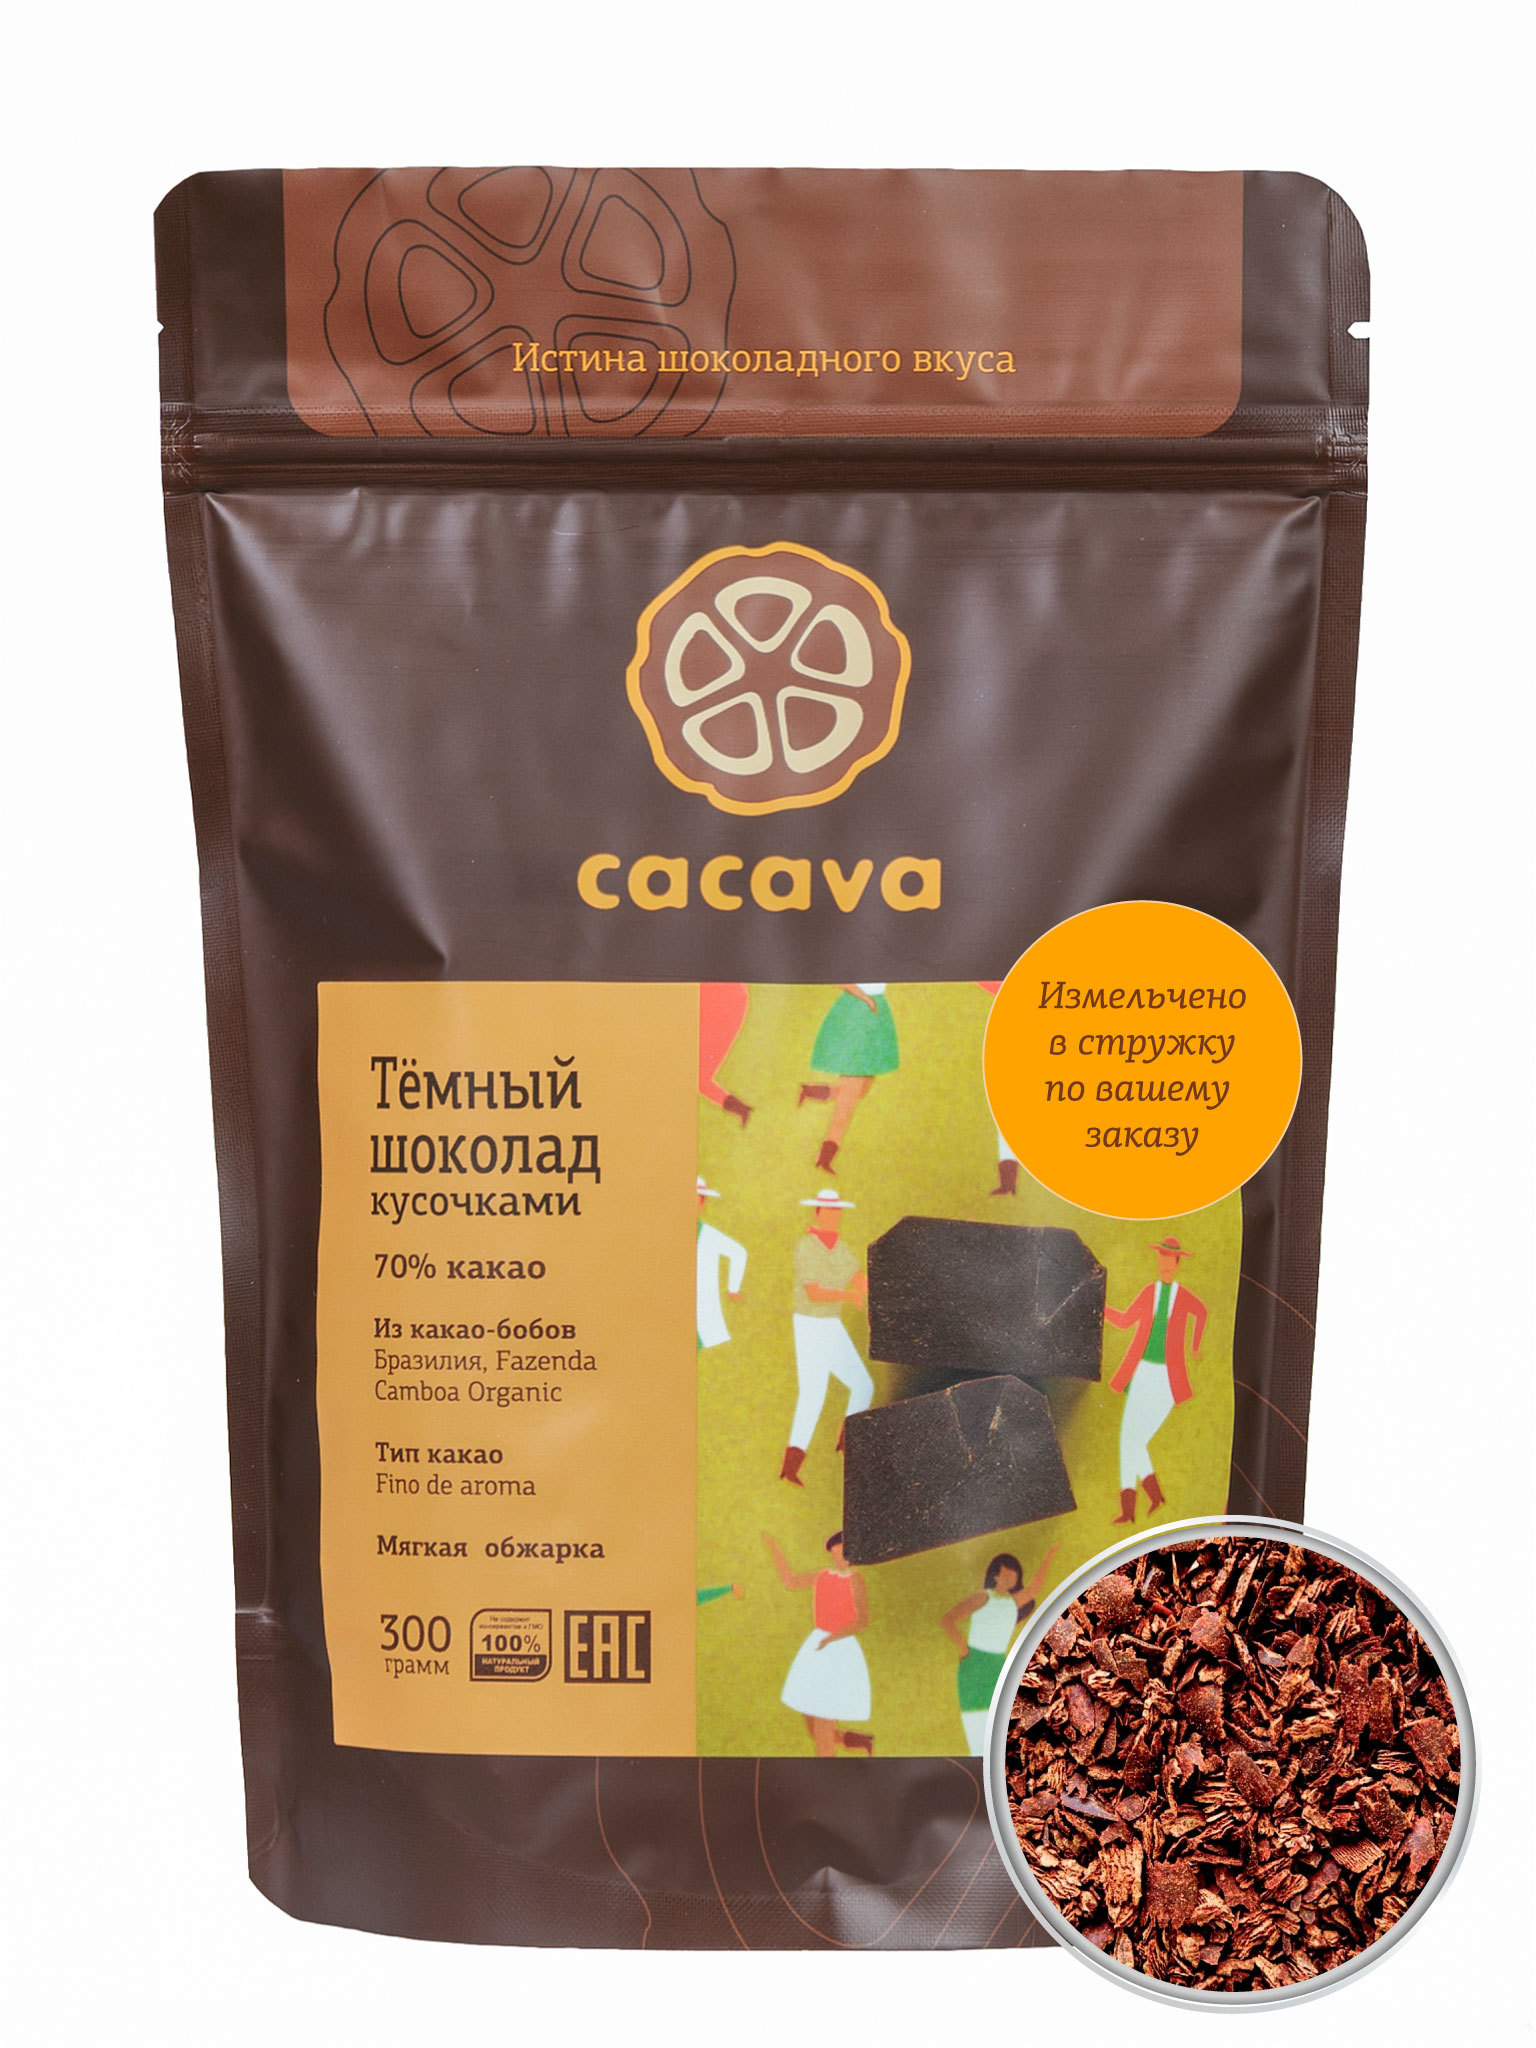 Тёмный шоколад 70 % какао в стружке (Бразилия, Fazenda Camboa), упаковка 300 грамм